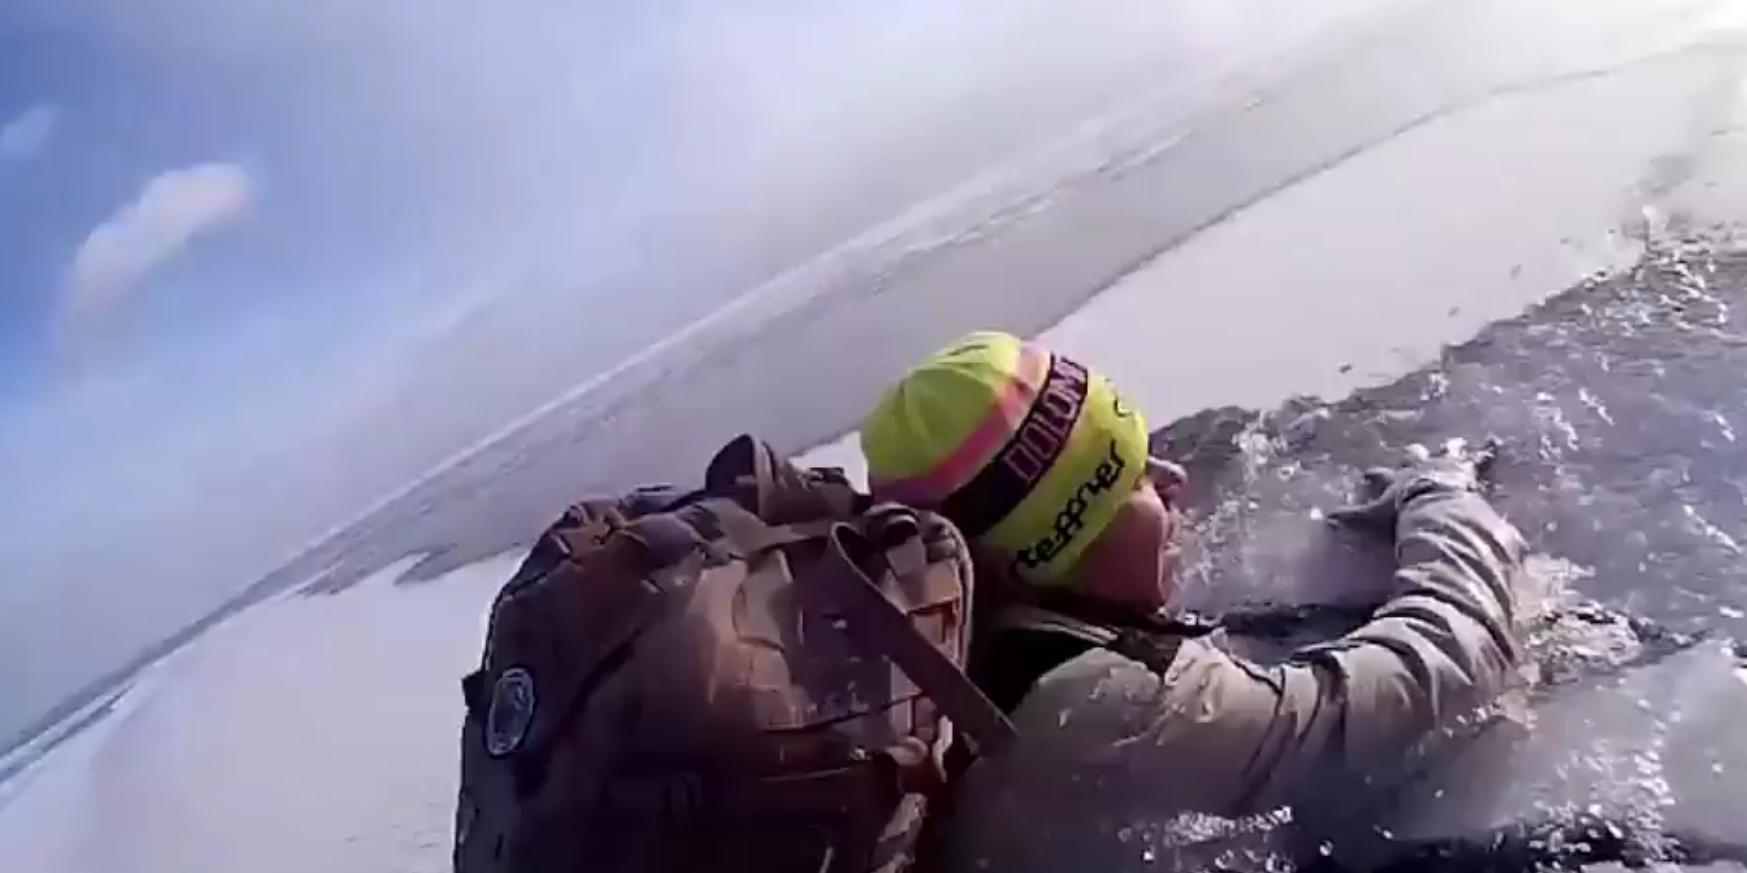 Туристы провалились под лед на Байкале в 300 метрах от берега